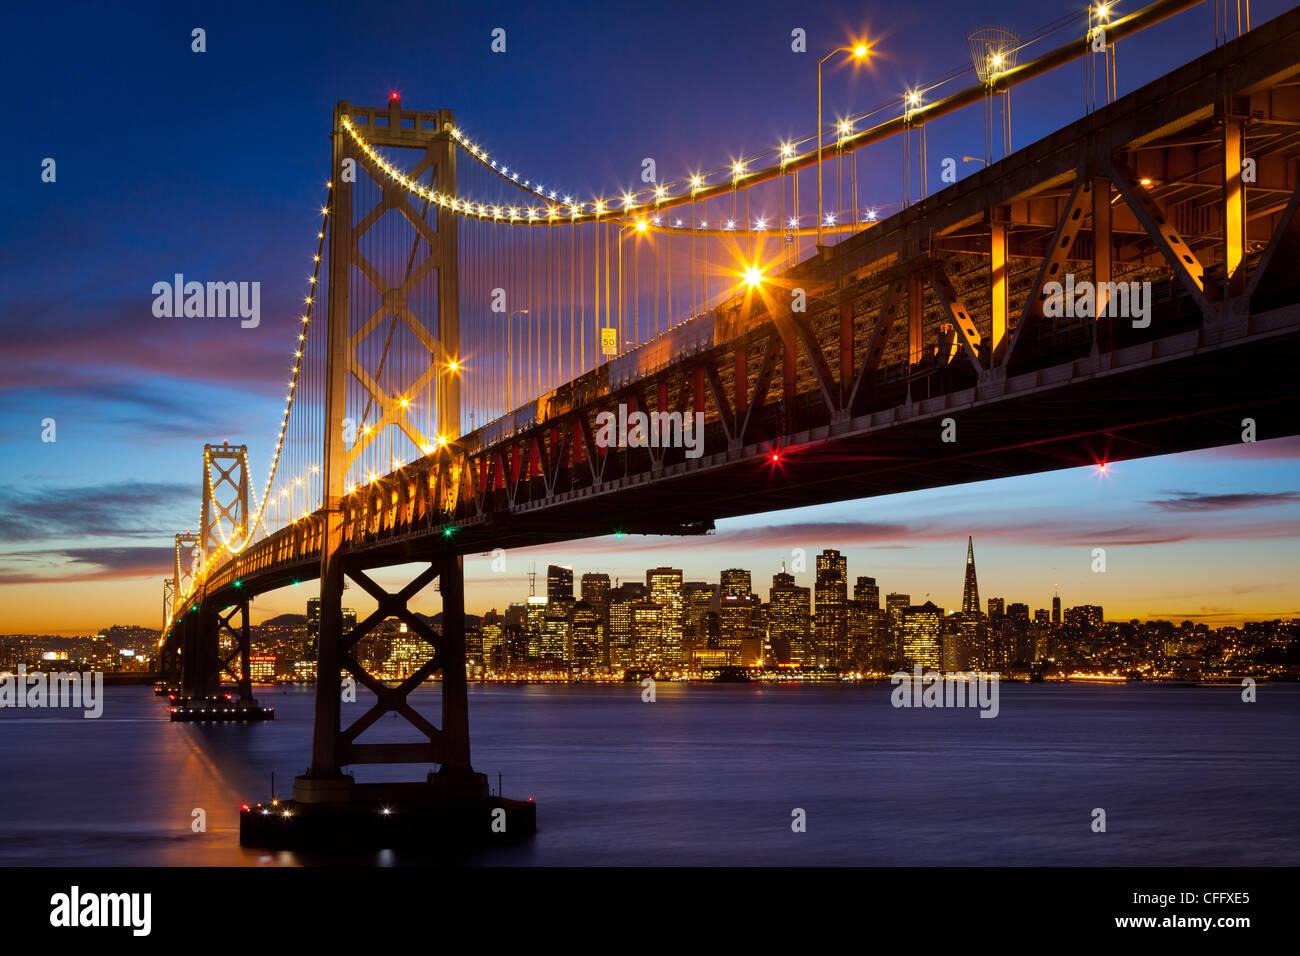 El San Francisco - Oakland Bay Bridge (conocido localmente como el puente de la bahía) Imagen De Stock